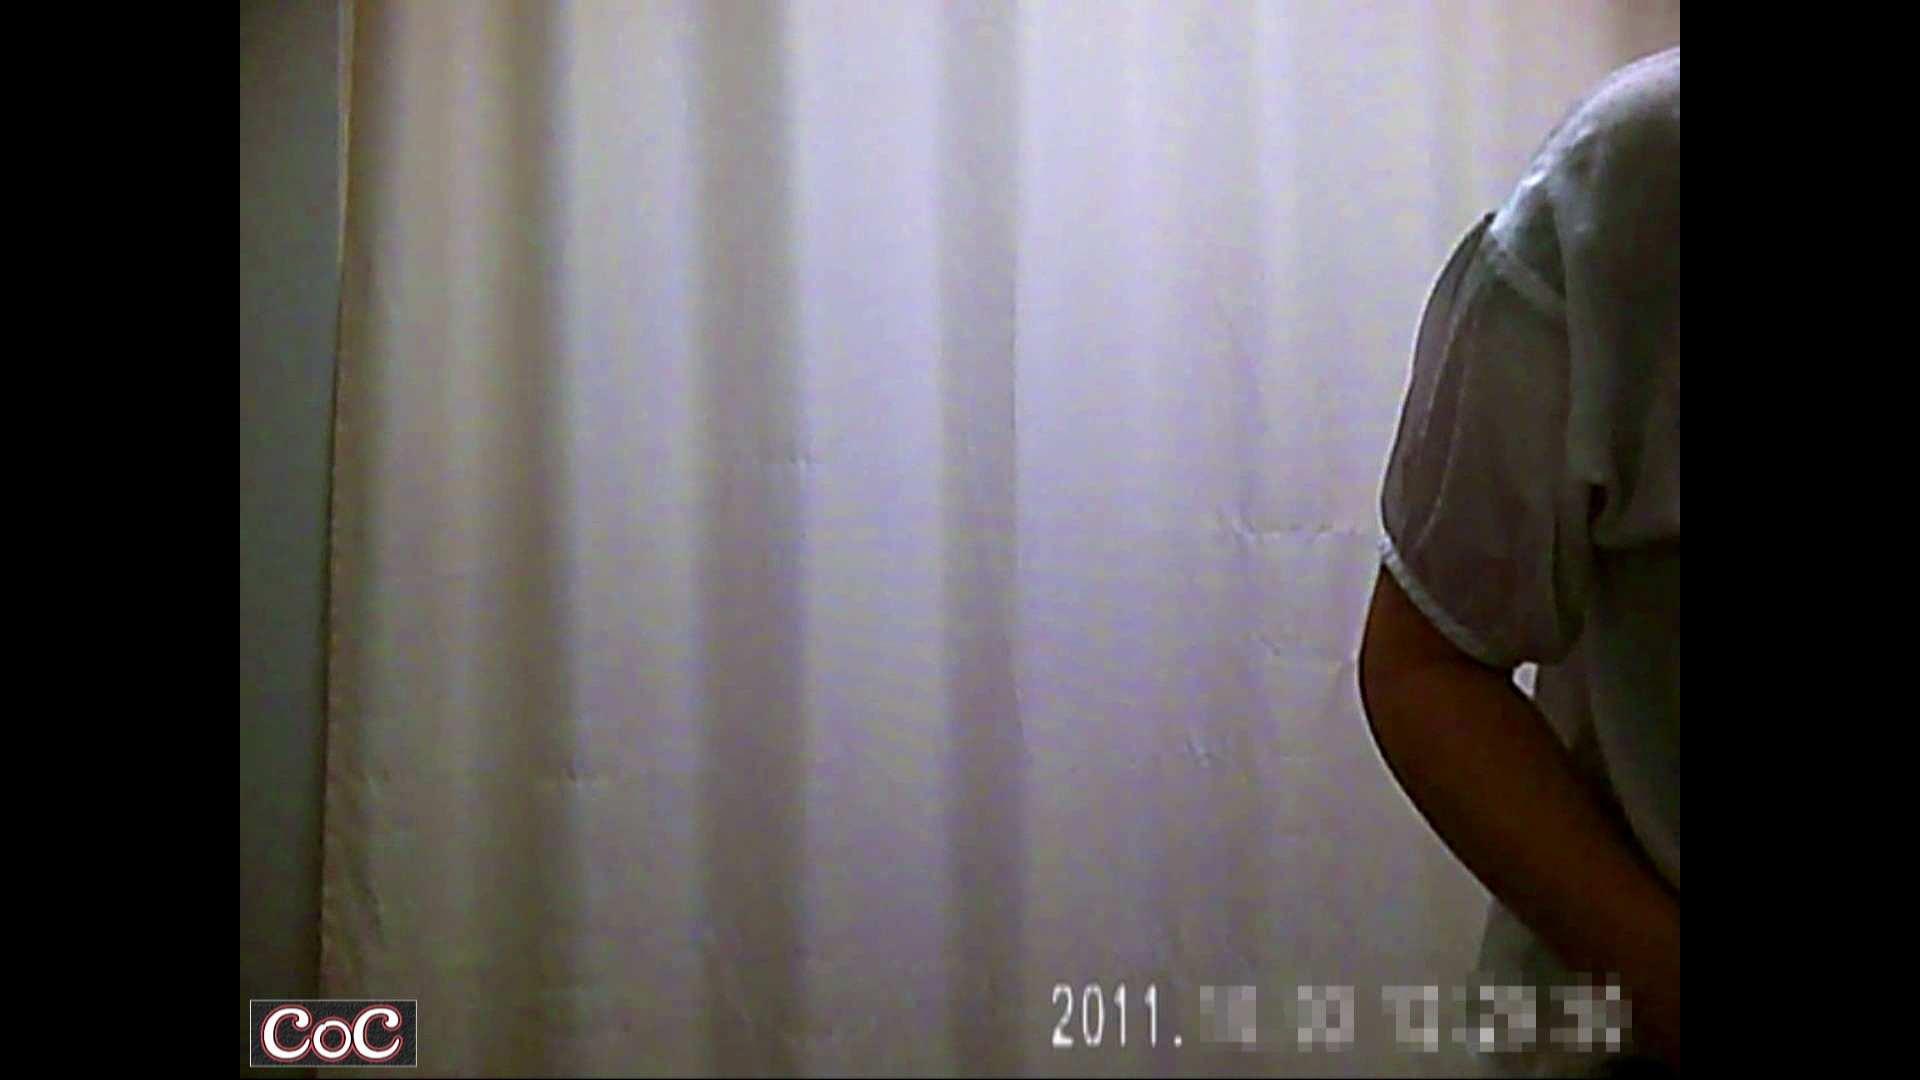 病院おもいっきり着替え! vol.49 女体盗撮 のぞき濡れ場動画紹介 51連発 31